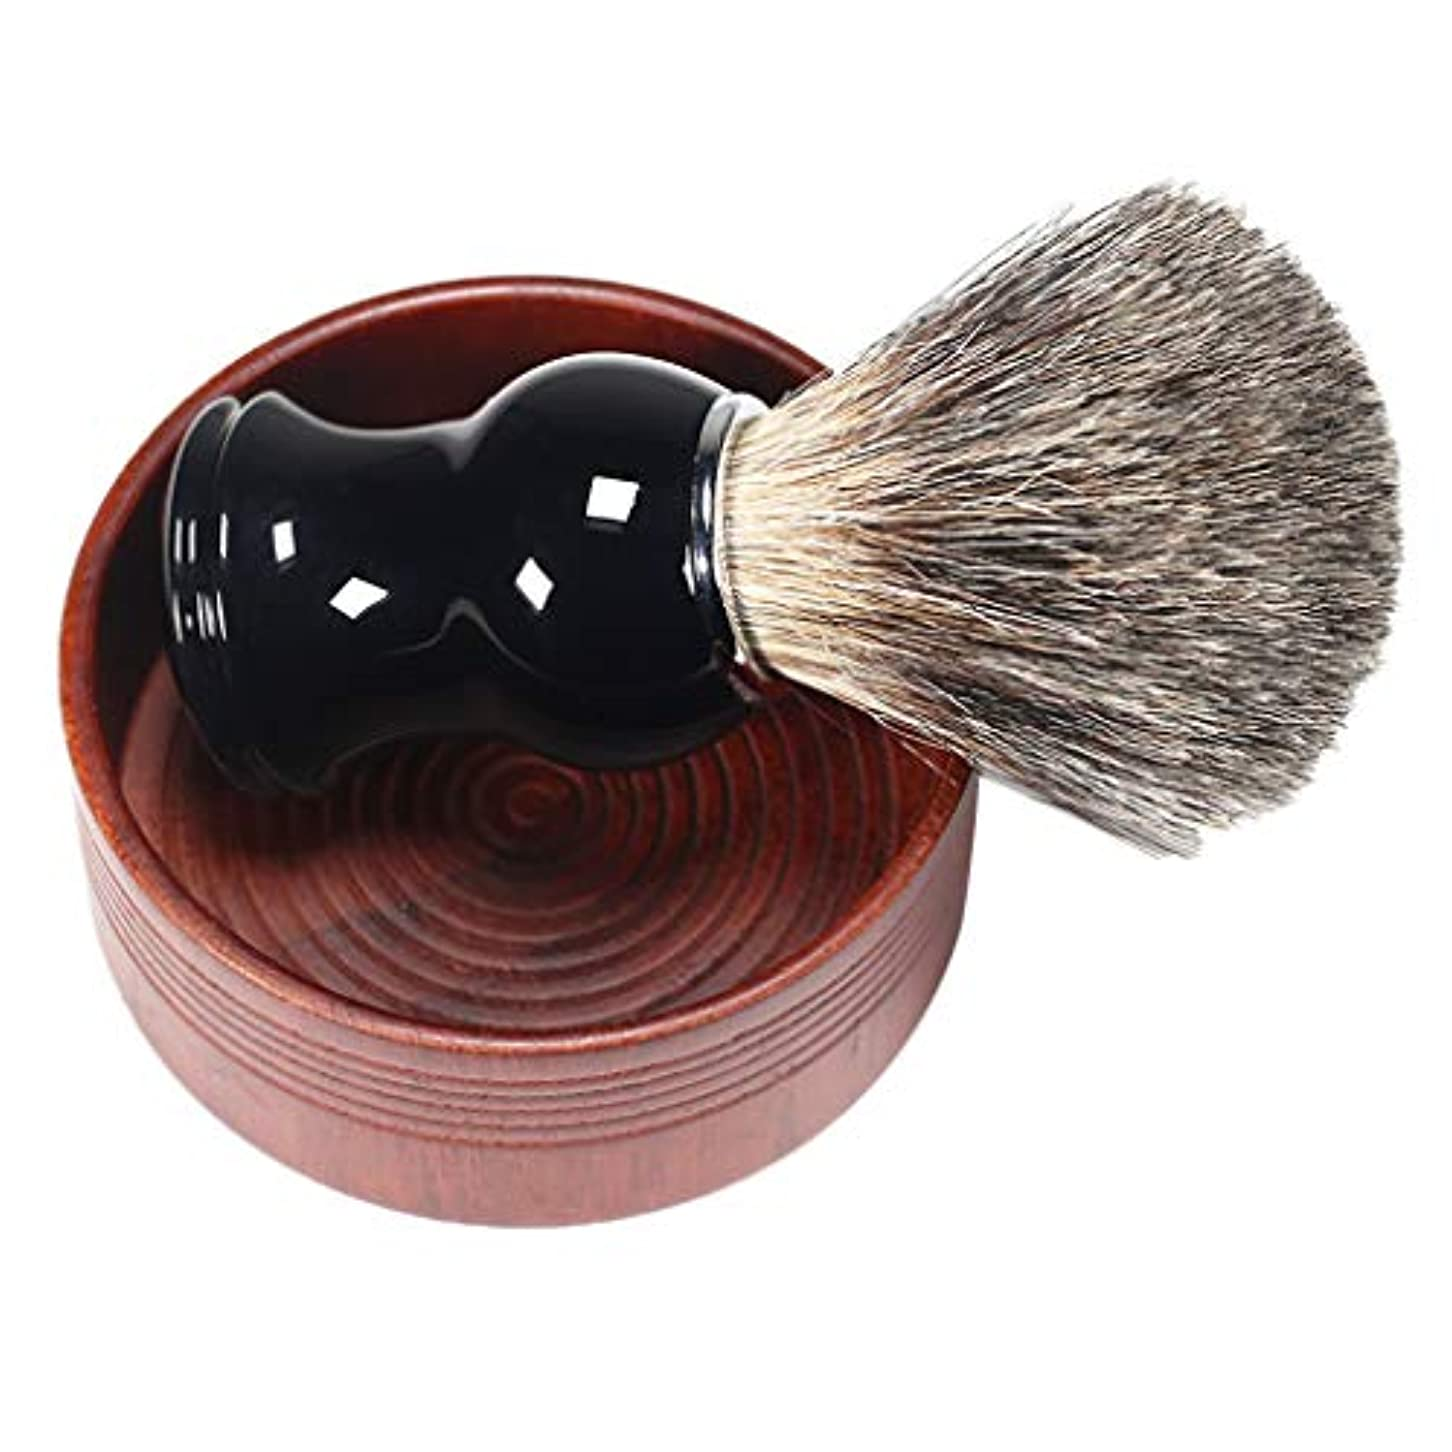 摂氏度砂の不規則性毛髭剃りグルーミング シェービングブラシ ウッドボウル 男性 3色選べ - ブラック01